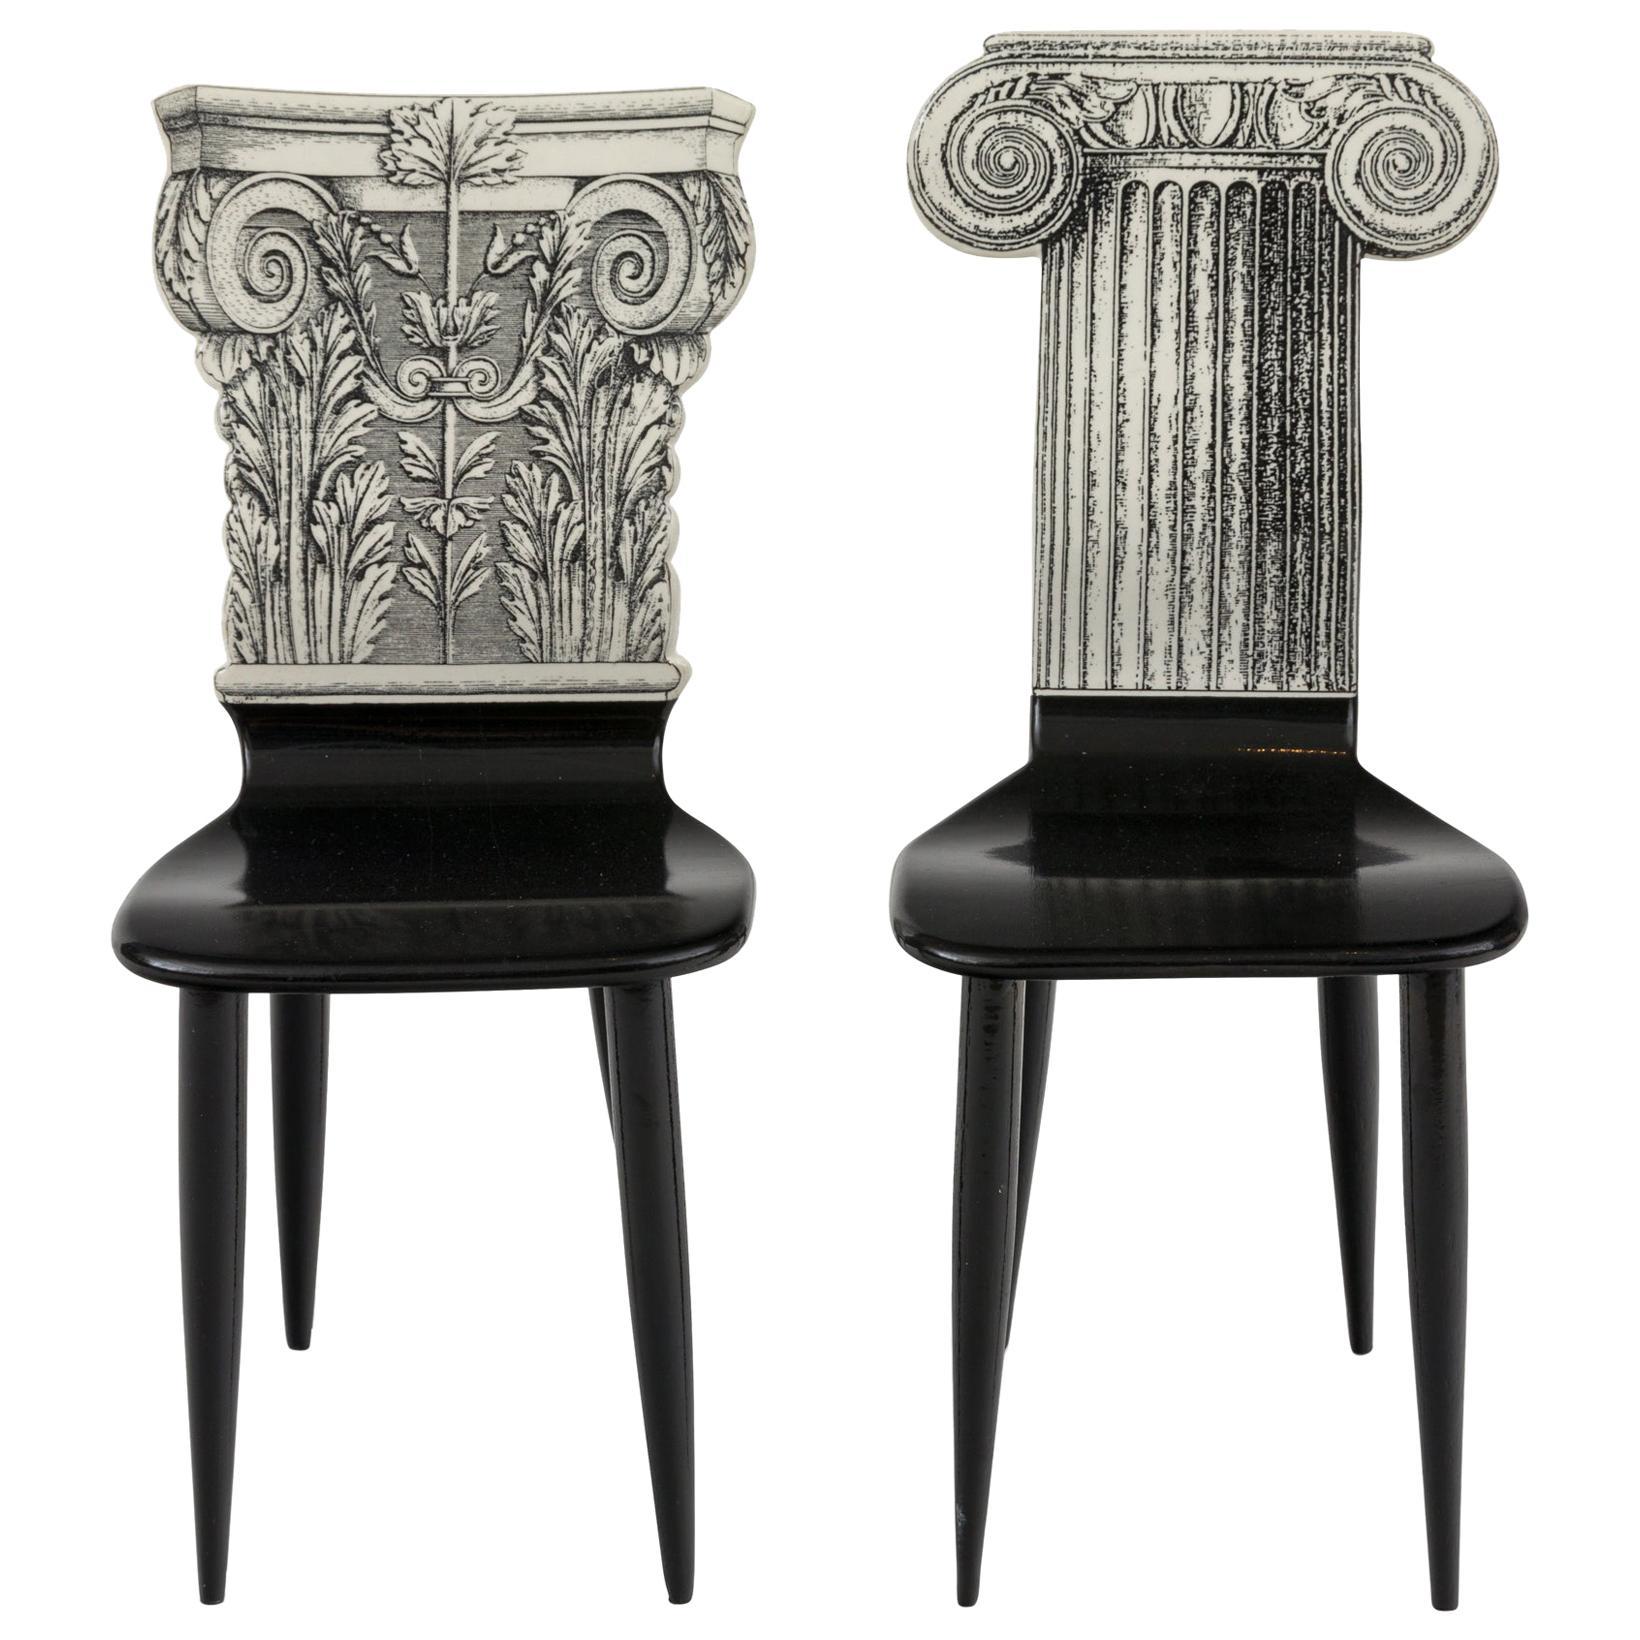 """Piero Fornasetti Miniature """"Capitello Ionico & Corinzio"""" Chairs, Italy, 2000s"""